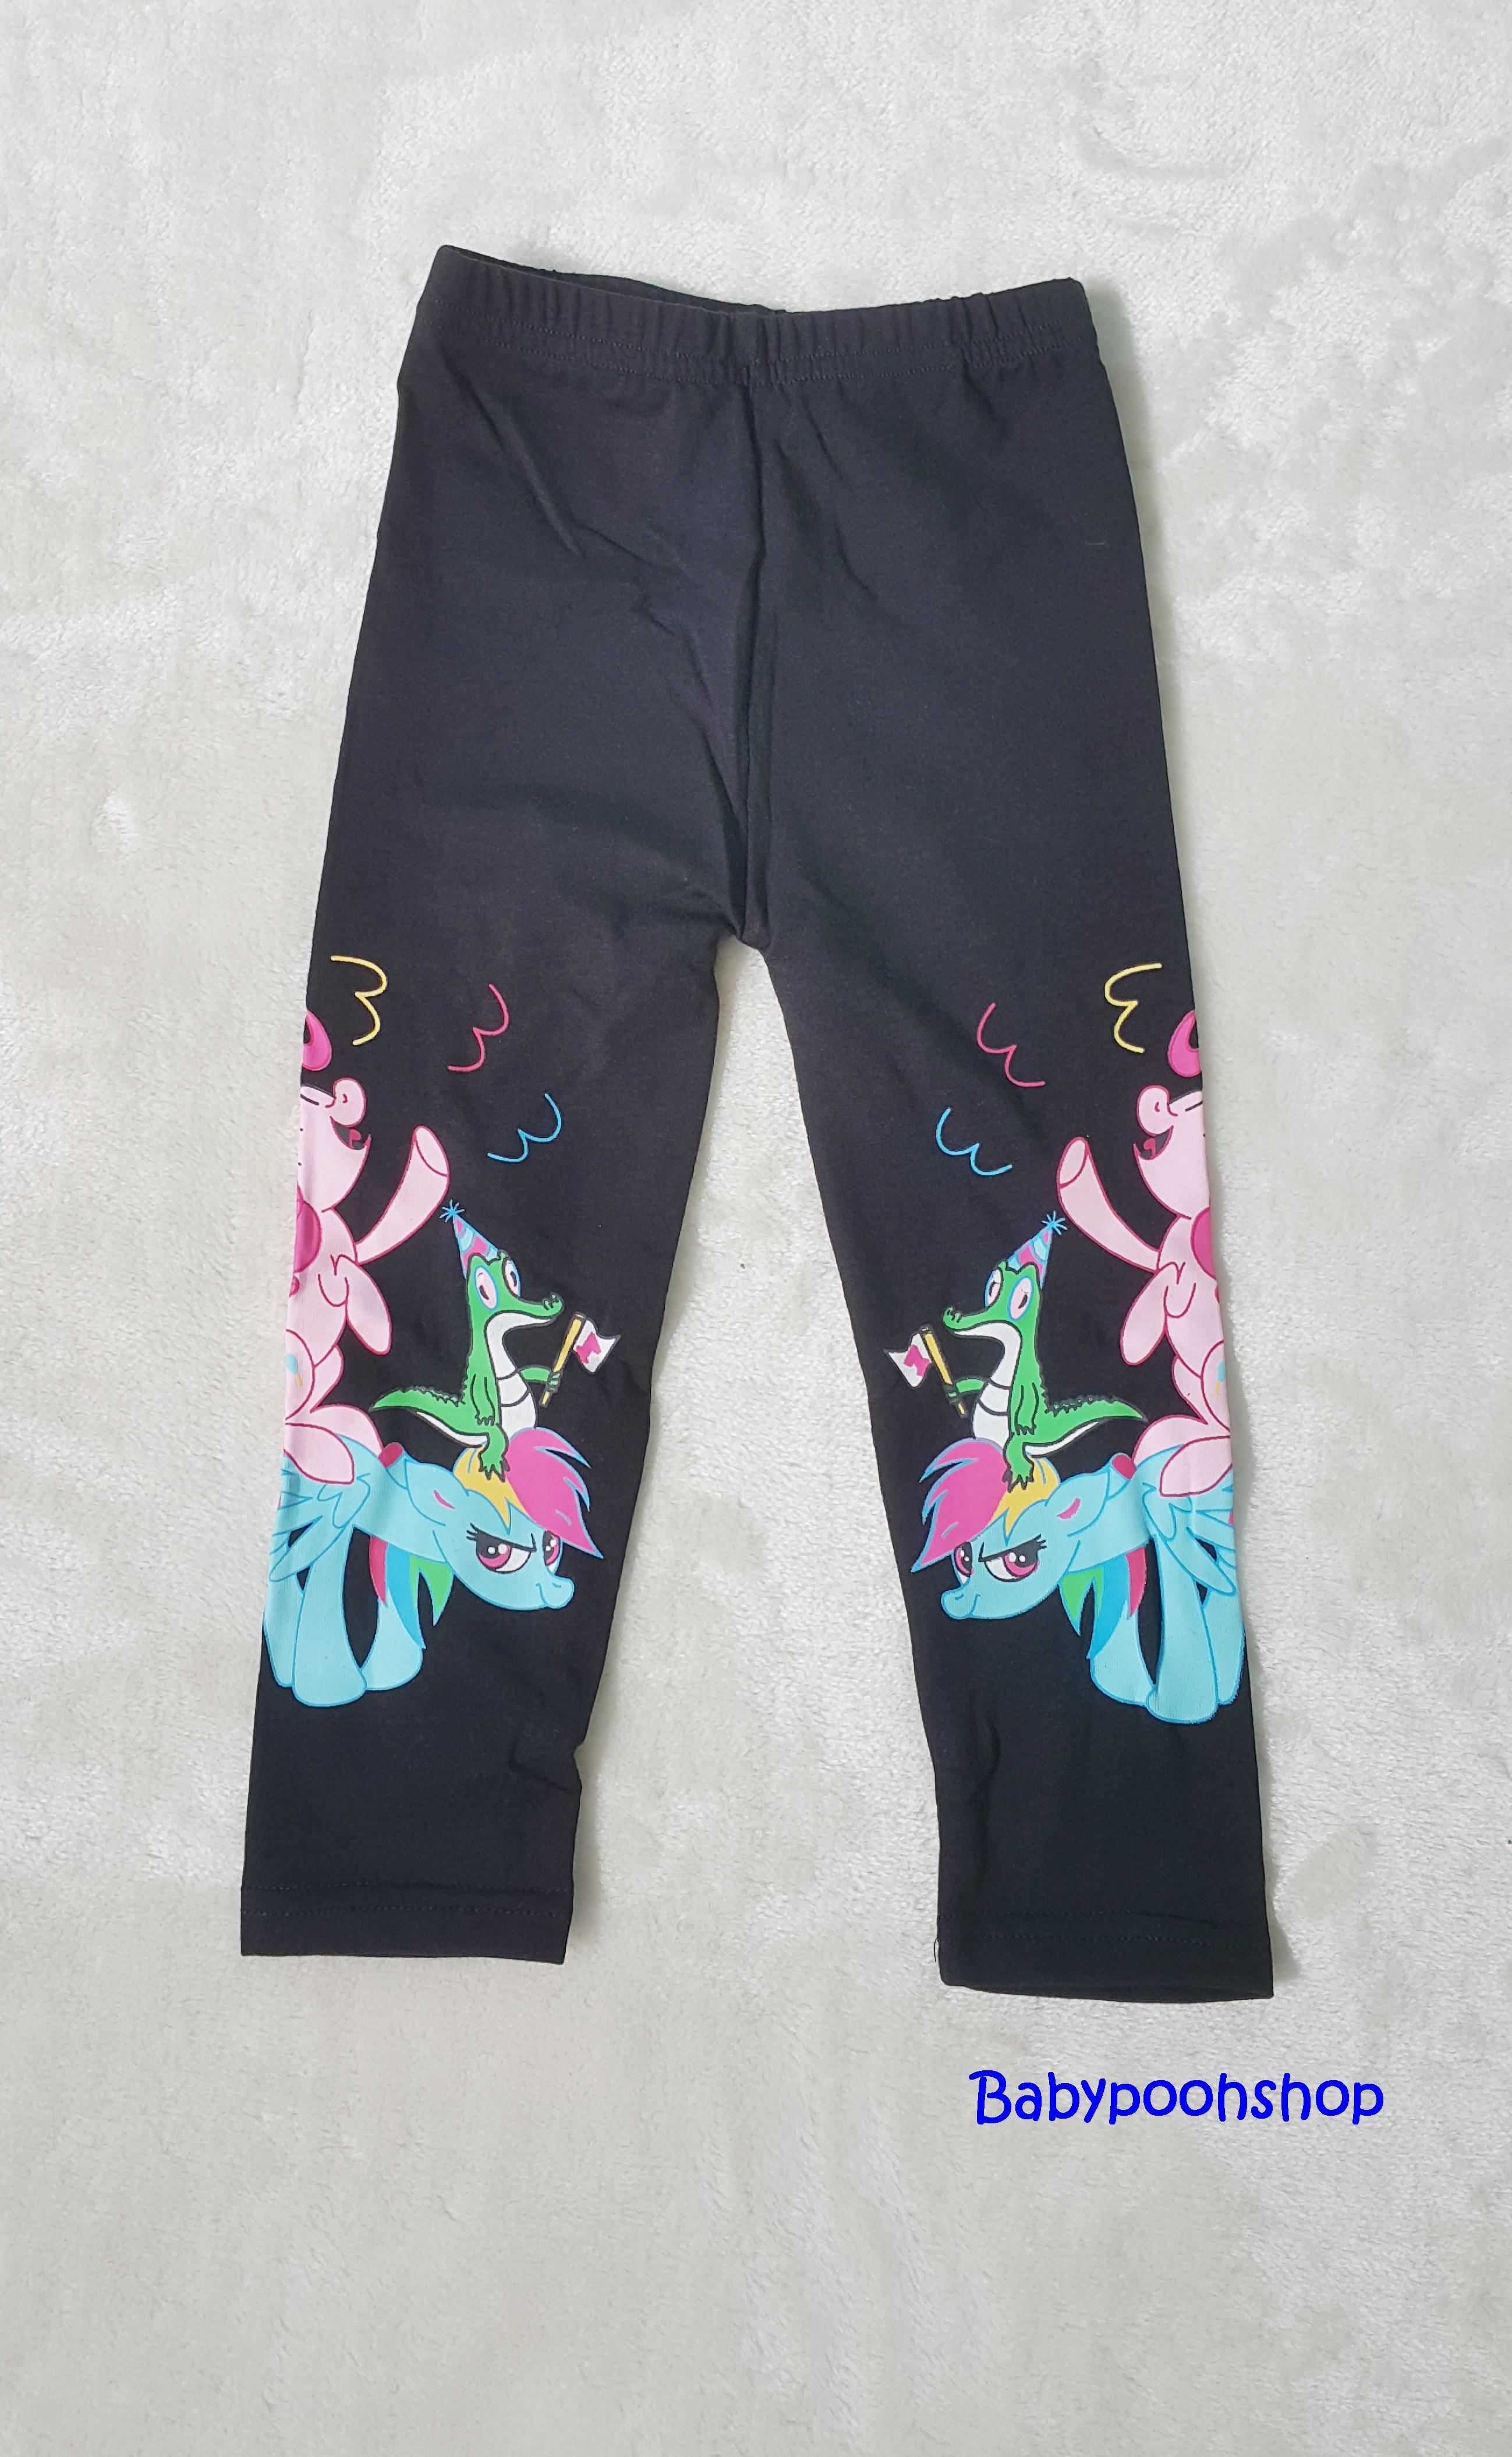 H&M : เลกกิ้ง สกรีนลายม้าโพนี่ ที่ขา สีดำ size : 2-4y / 6-8y / 8-10y